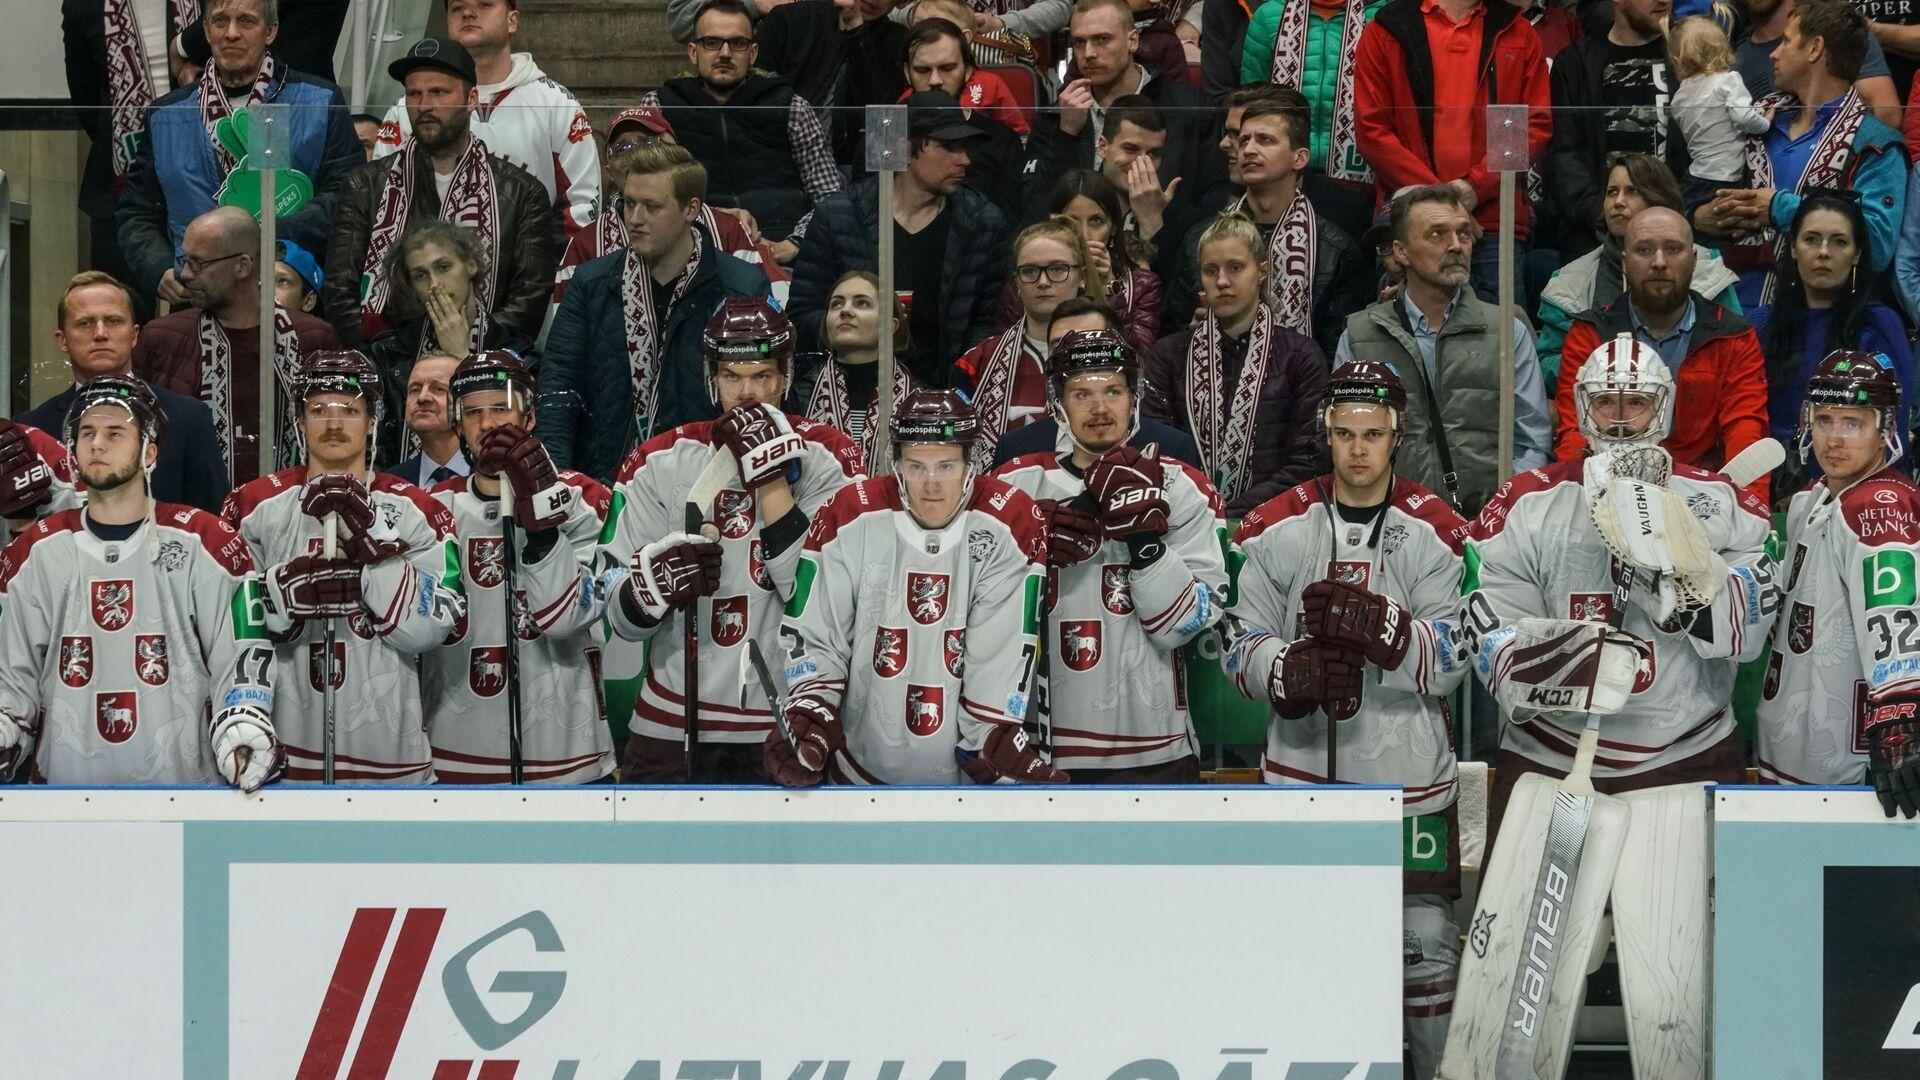 Контрольный матч по хоккею между сборными Латвии и России в Риге 24 апреля - Sputnik Латвия, 1920, 16.05.2021